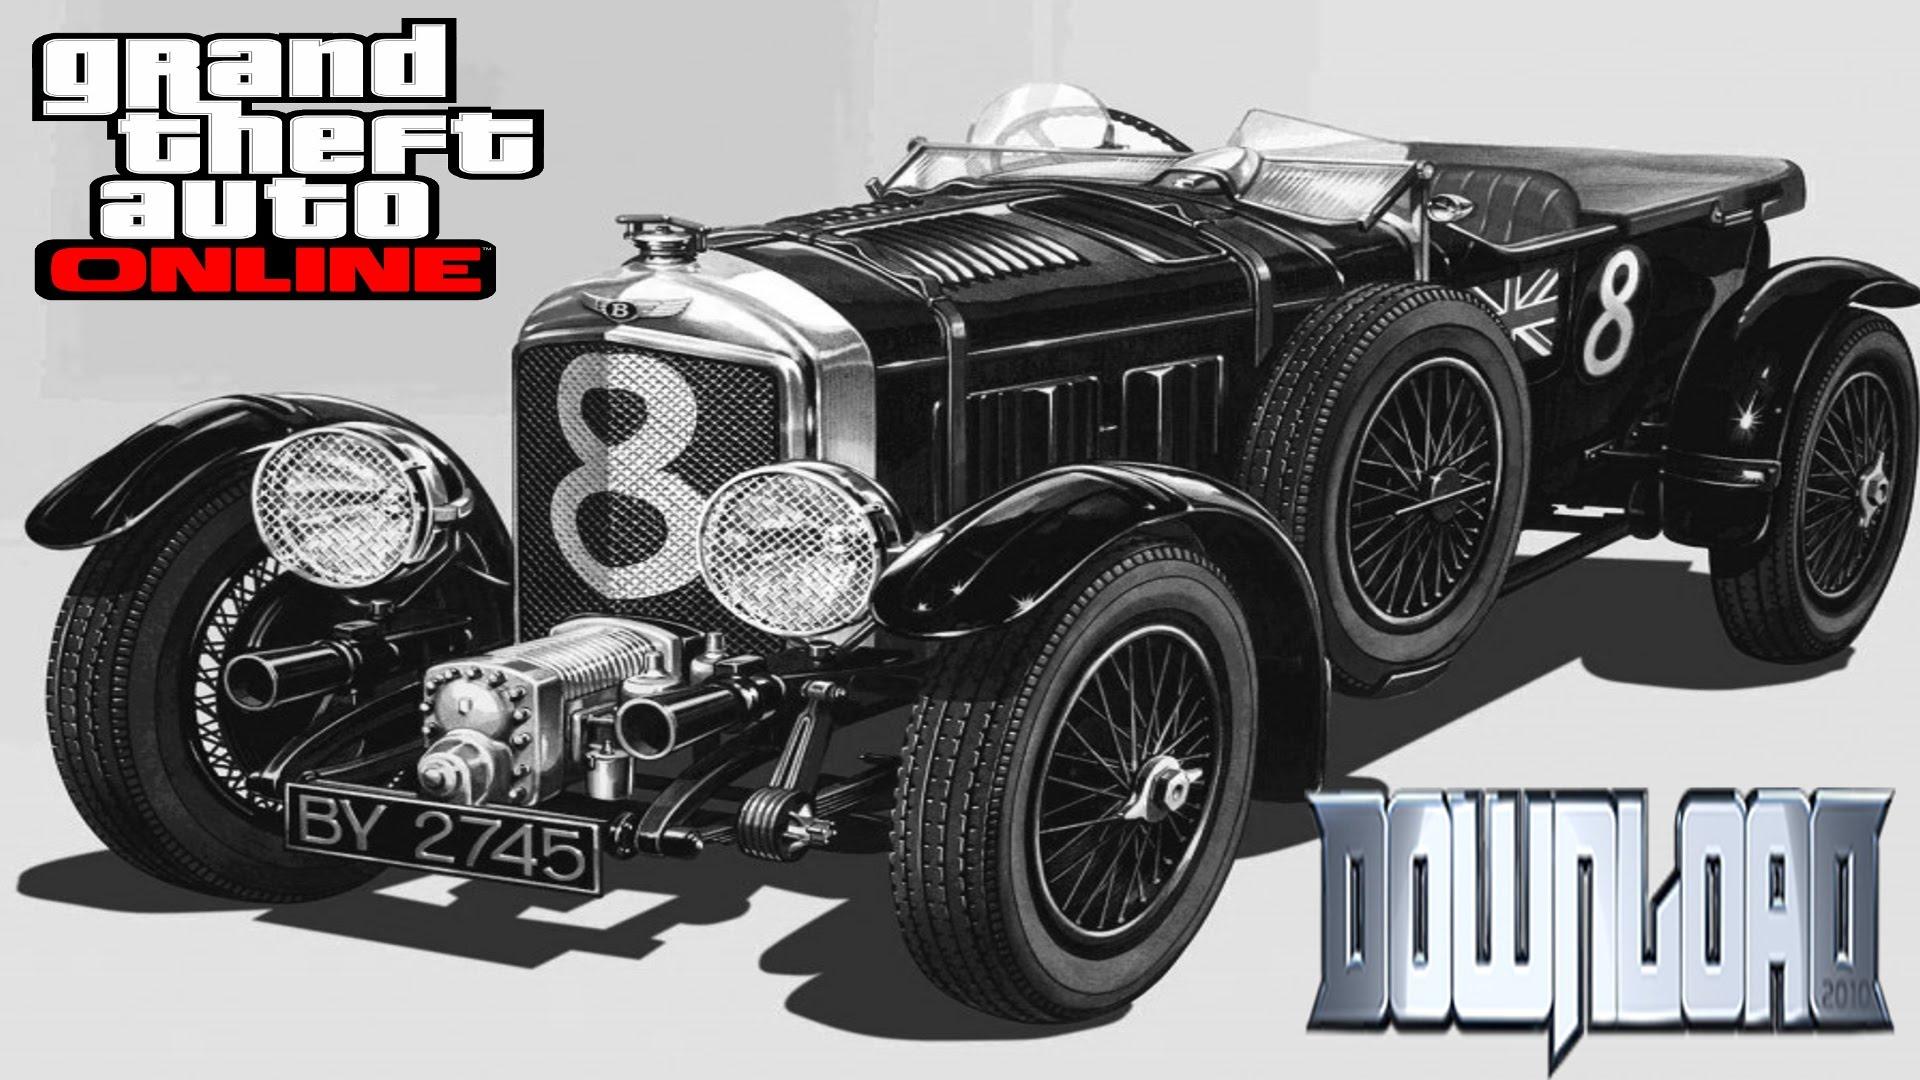 1930 Bentley 4 ½ Litre Blower wallpapers, Vehicles, HQ 1930 Bentley